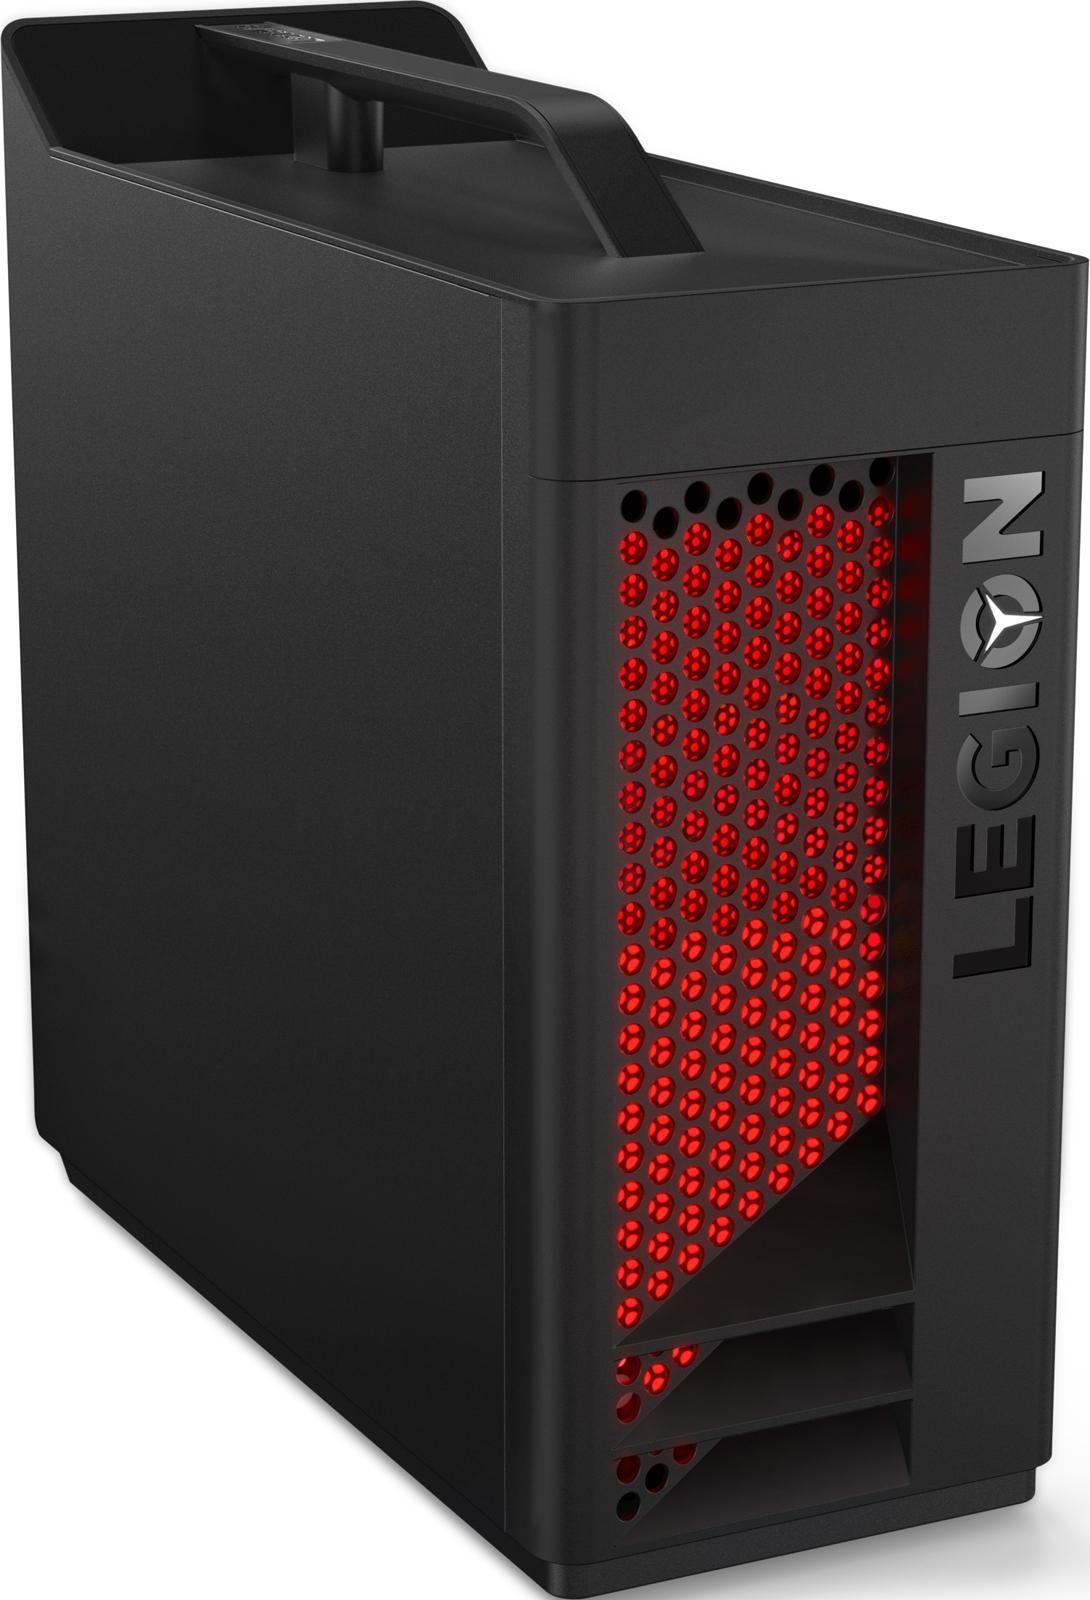 Системный блок Lenovo Legion T530-28ICB MT, 90JL007ERS, черный цена и фото